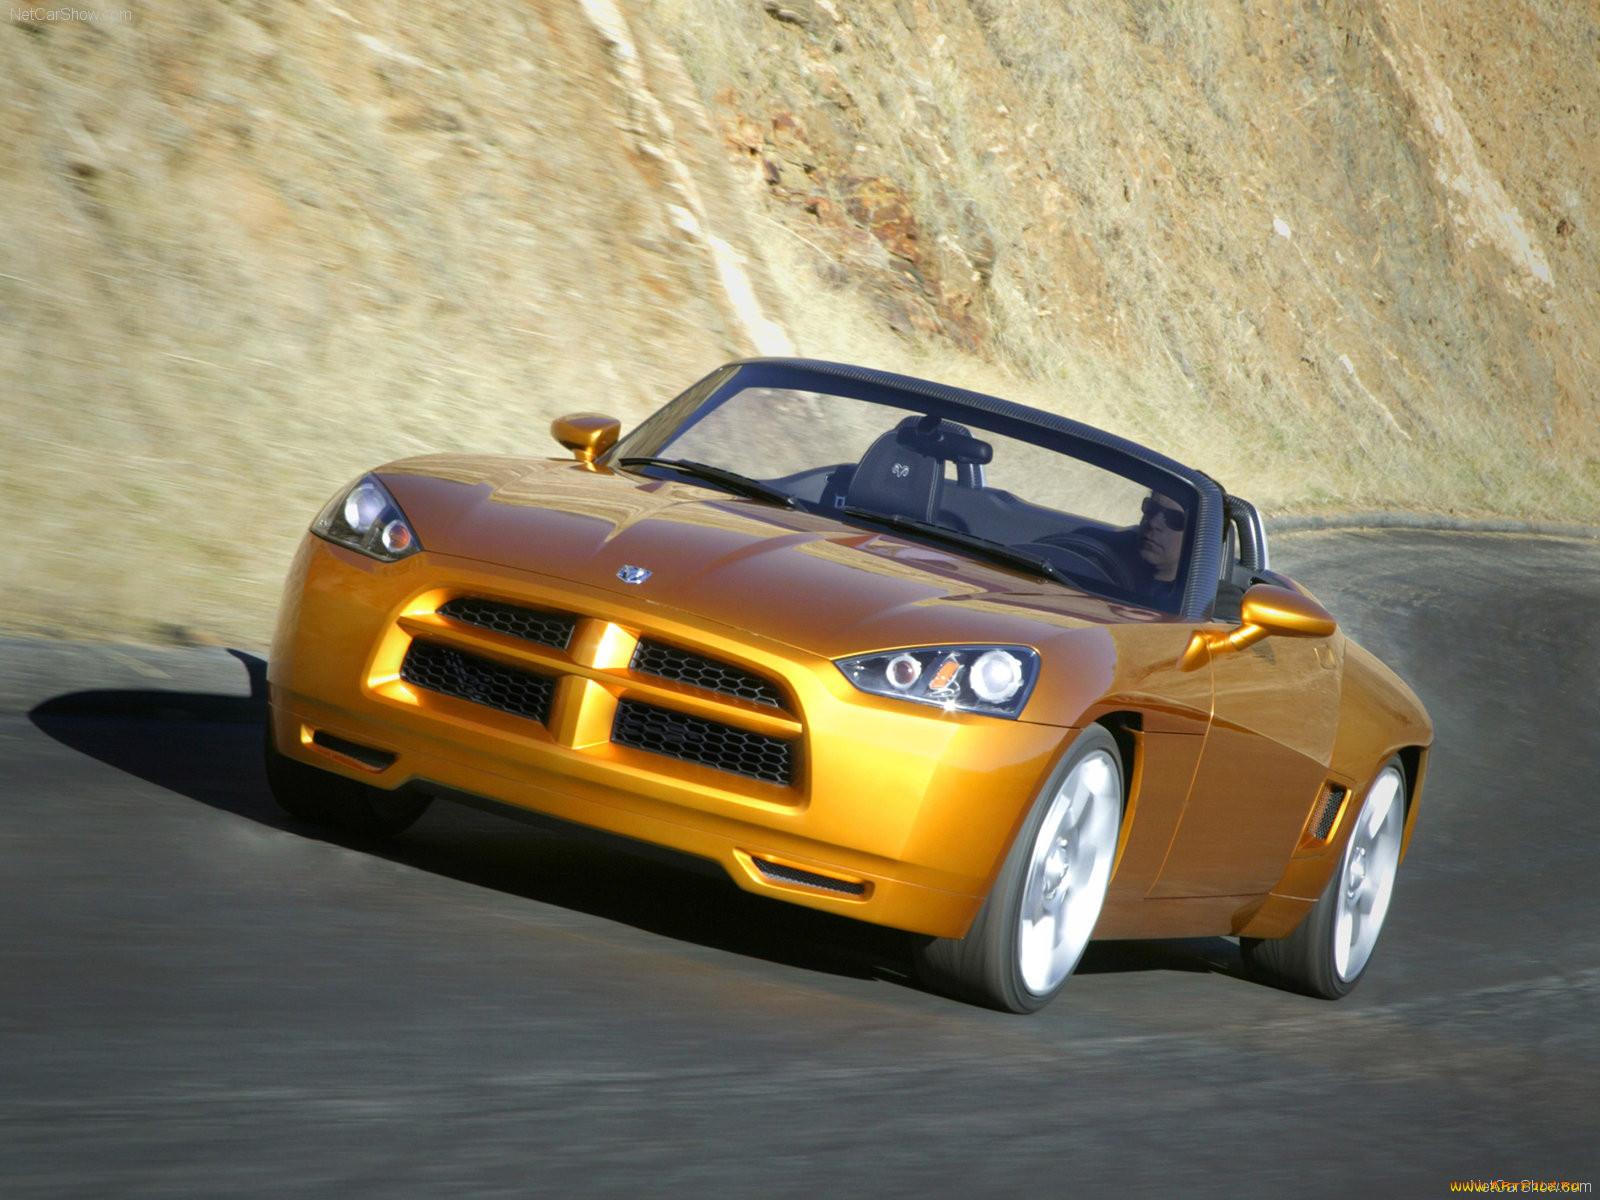 автомобили картинки и информация